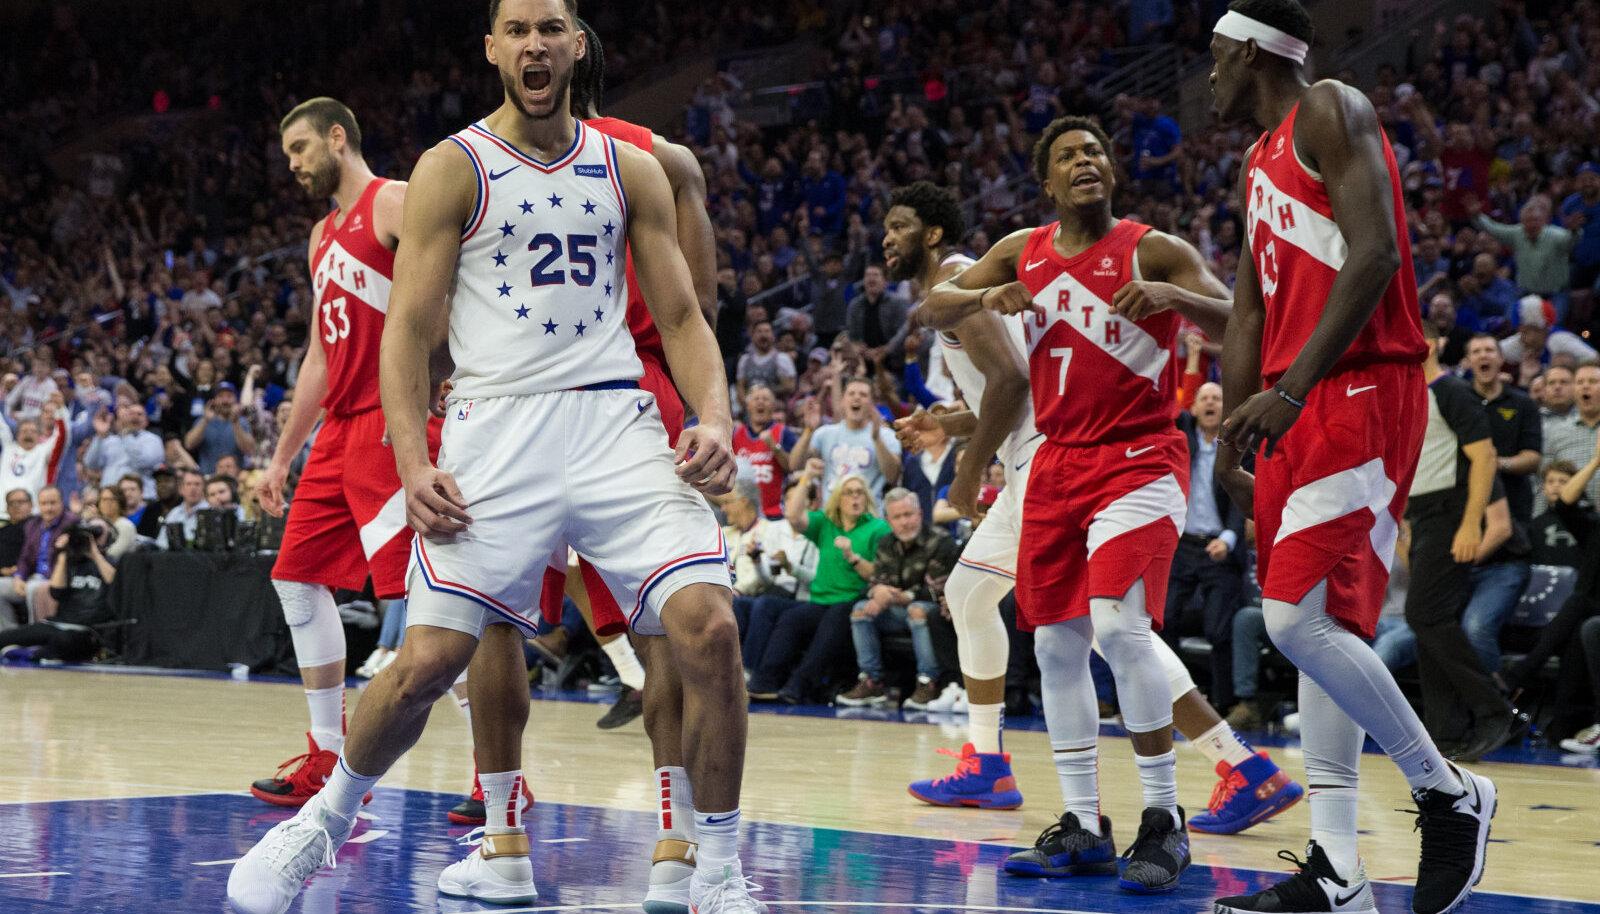 Philadelphia 76ersi Ben Simmons